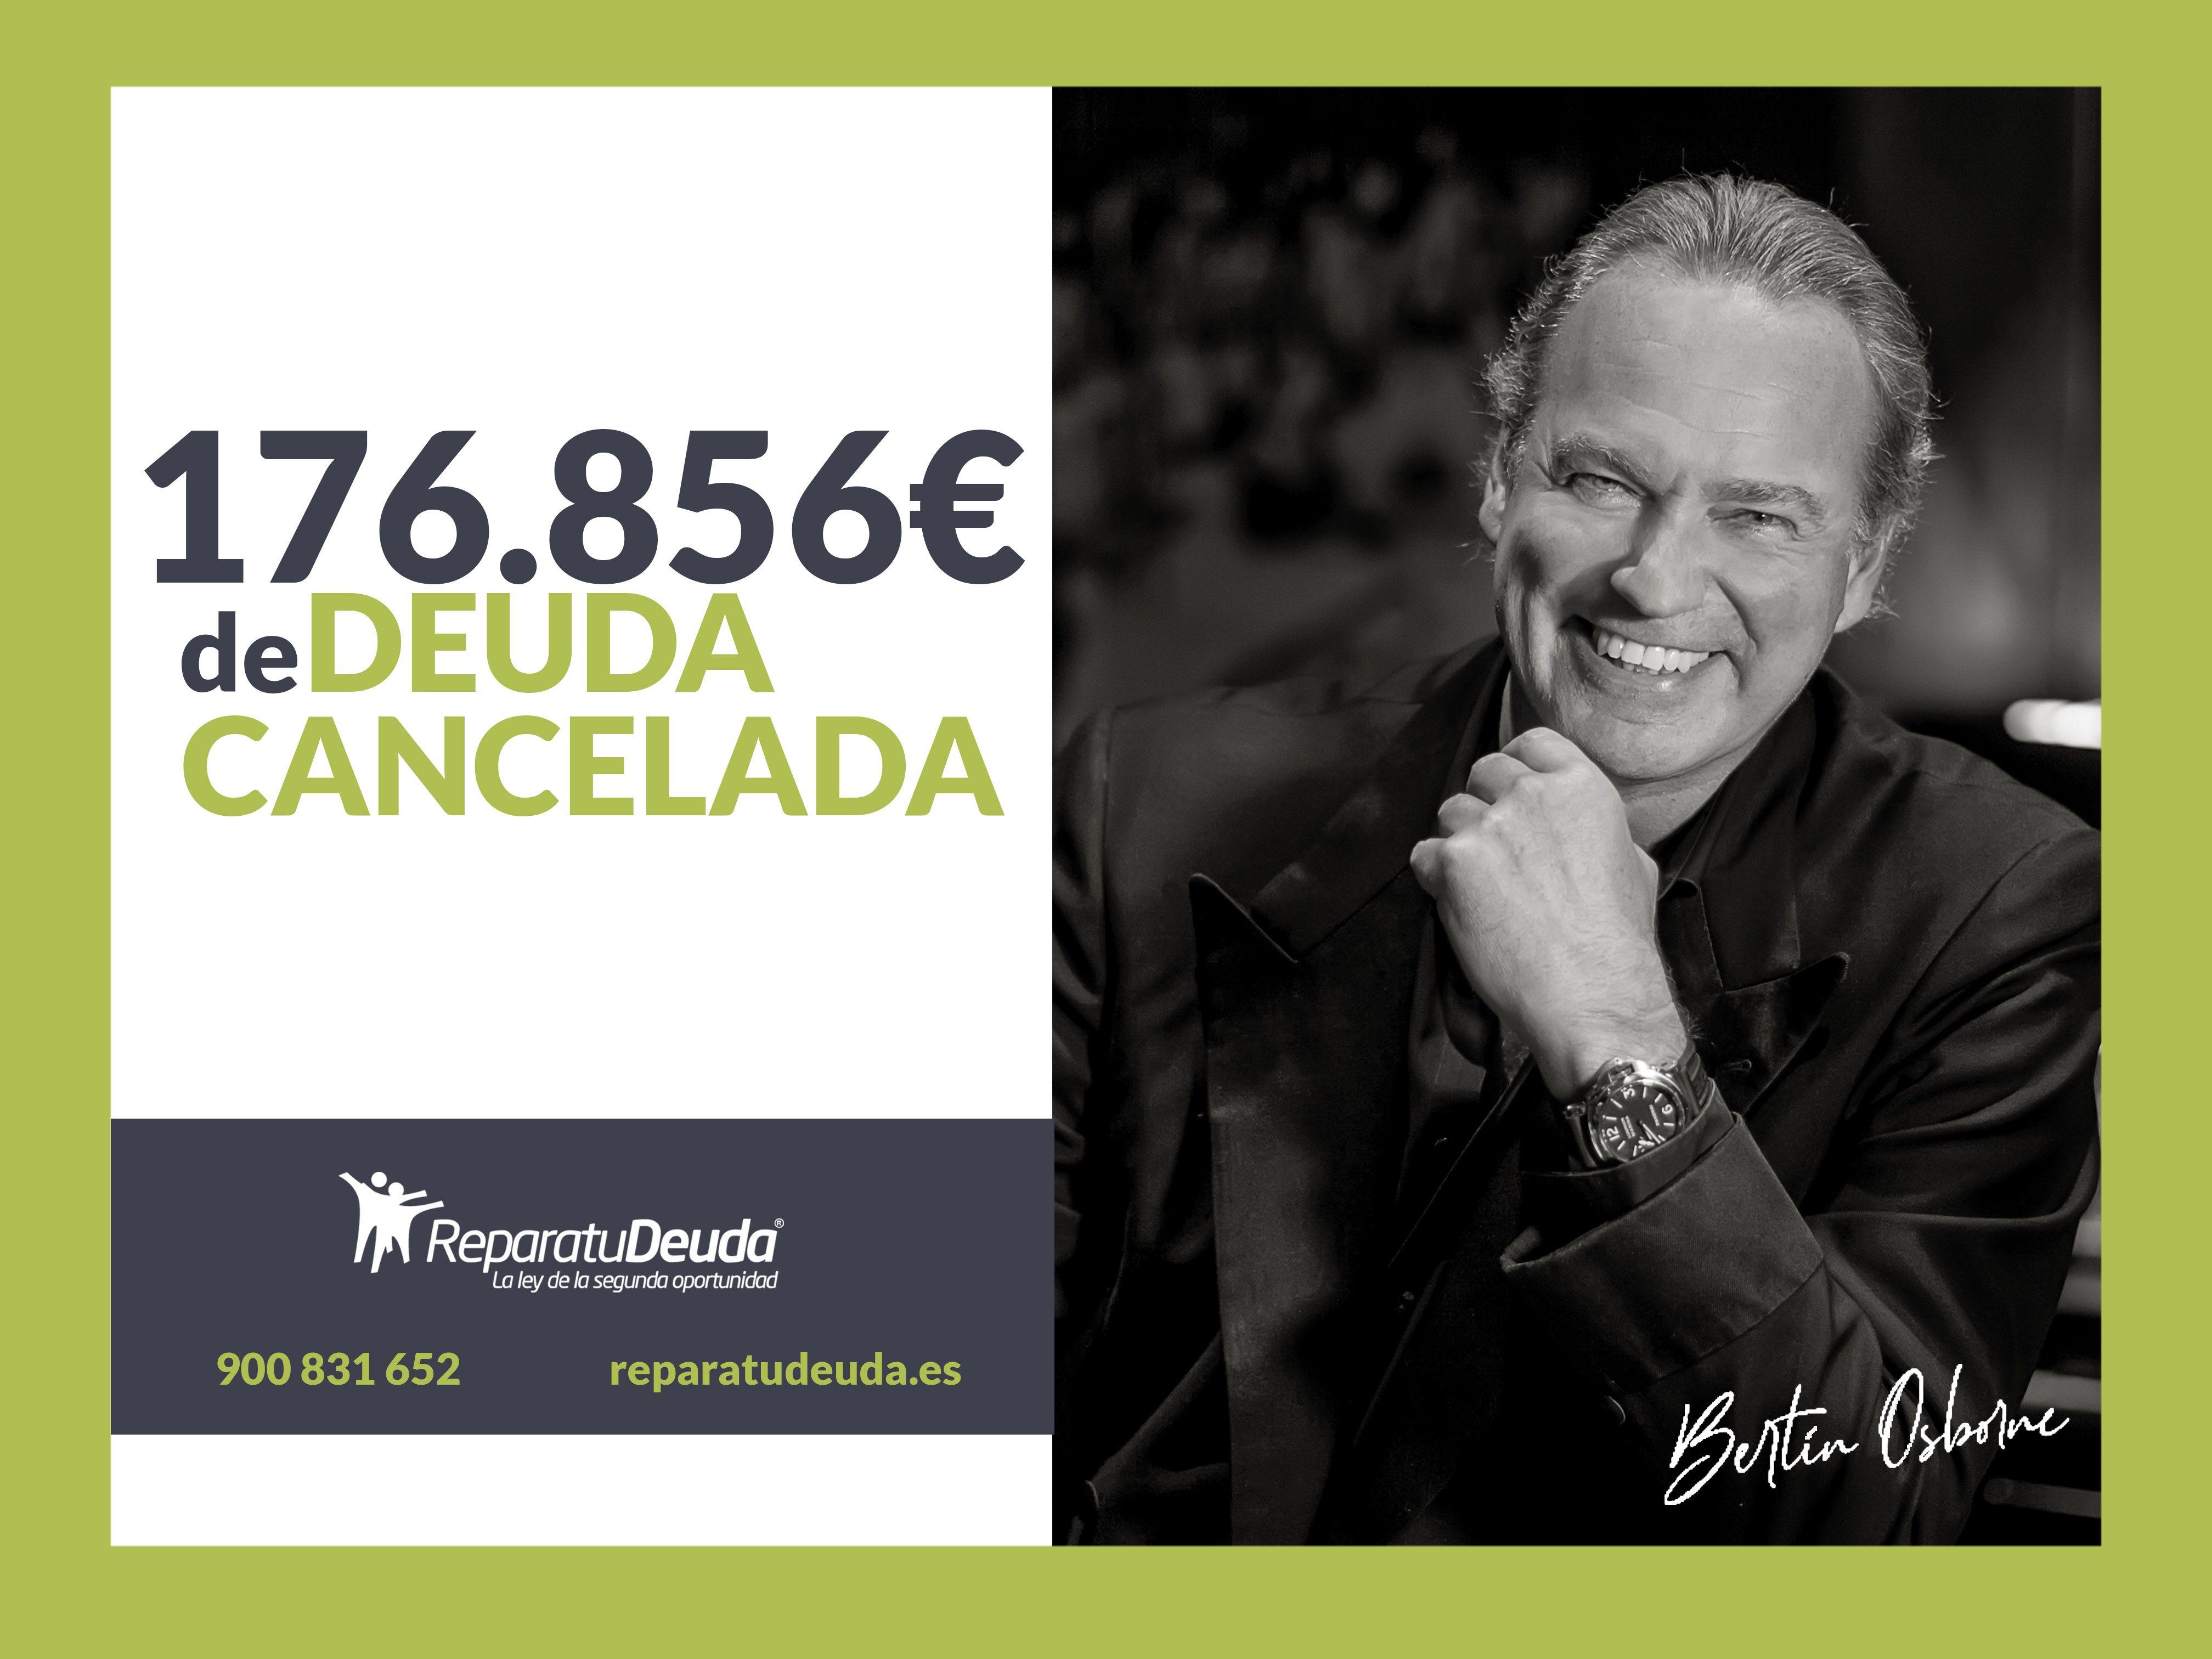 Repara tu deuda cancela 176.856 ? a un matrimonio de Barcelona gracias a la Ley de Segunda Oportunidad